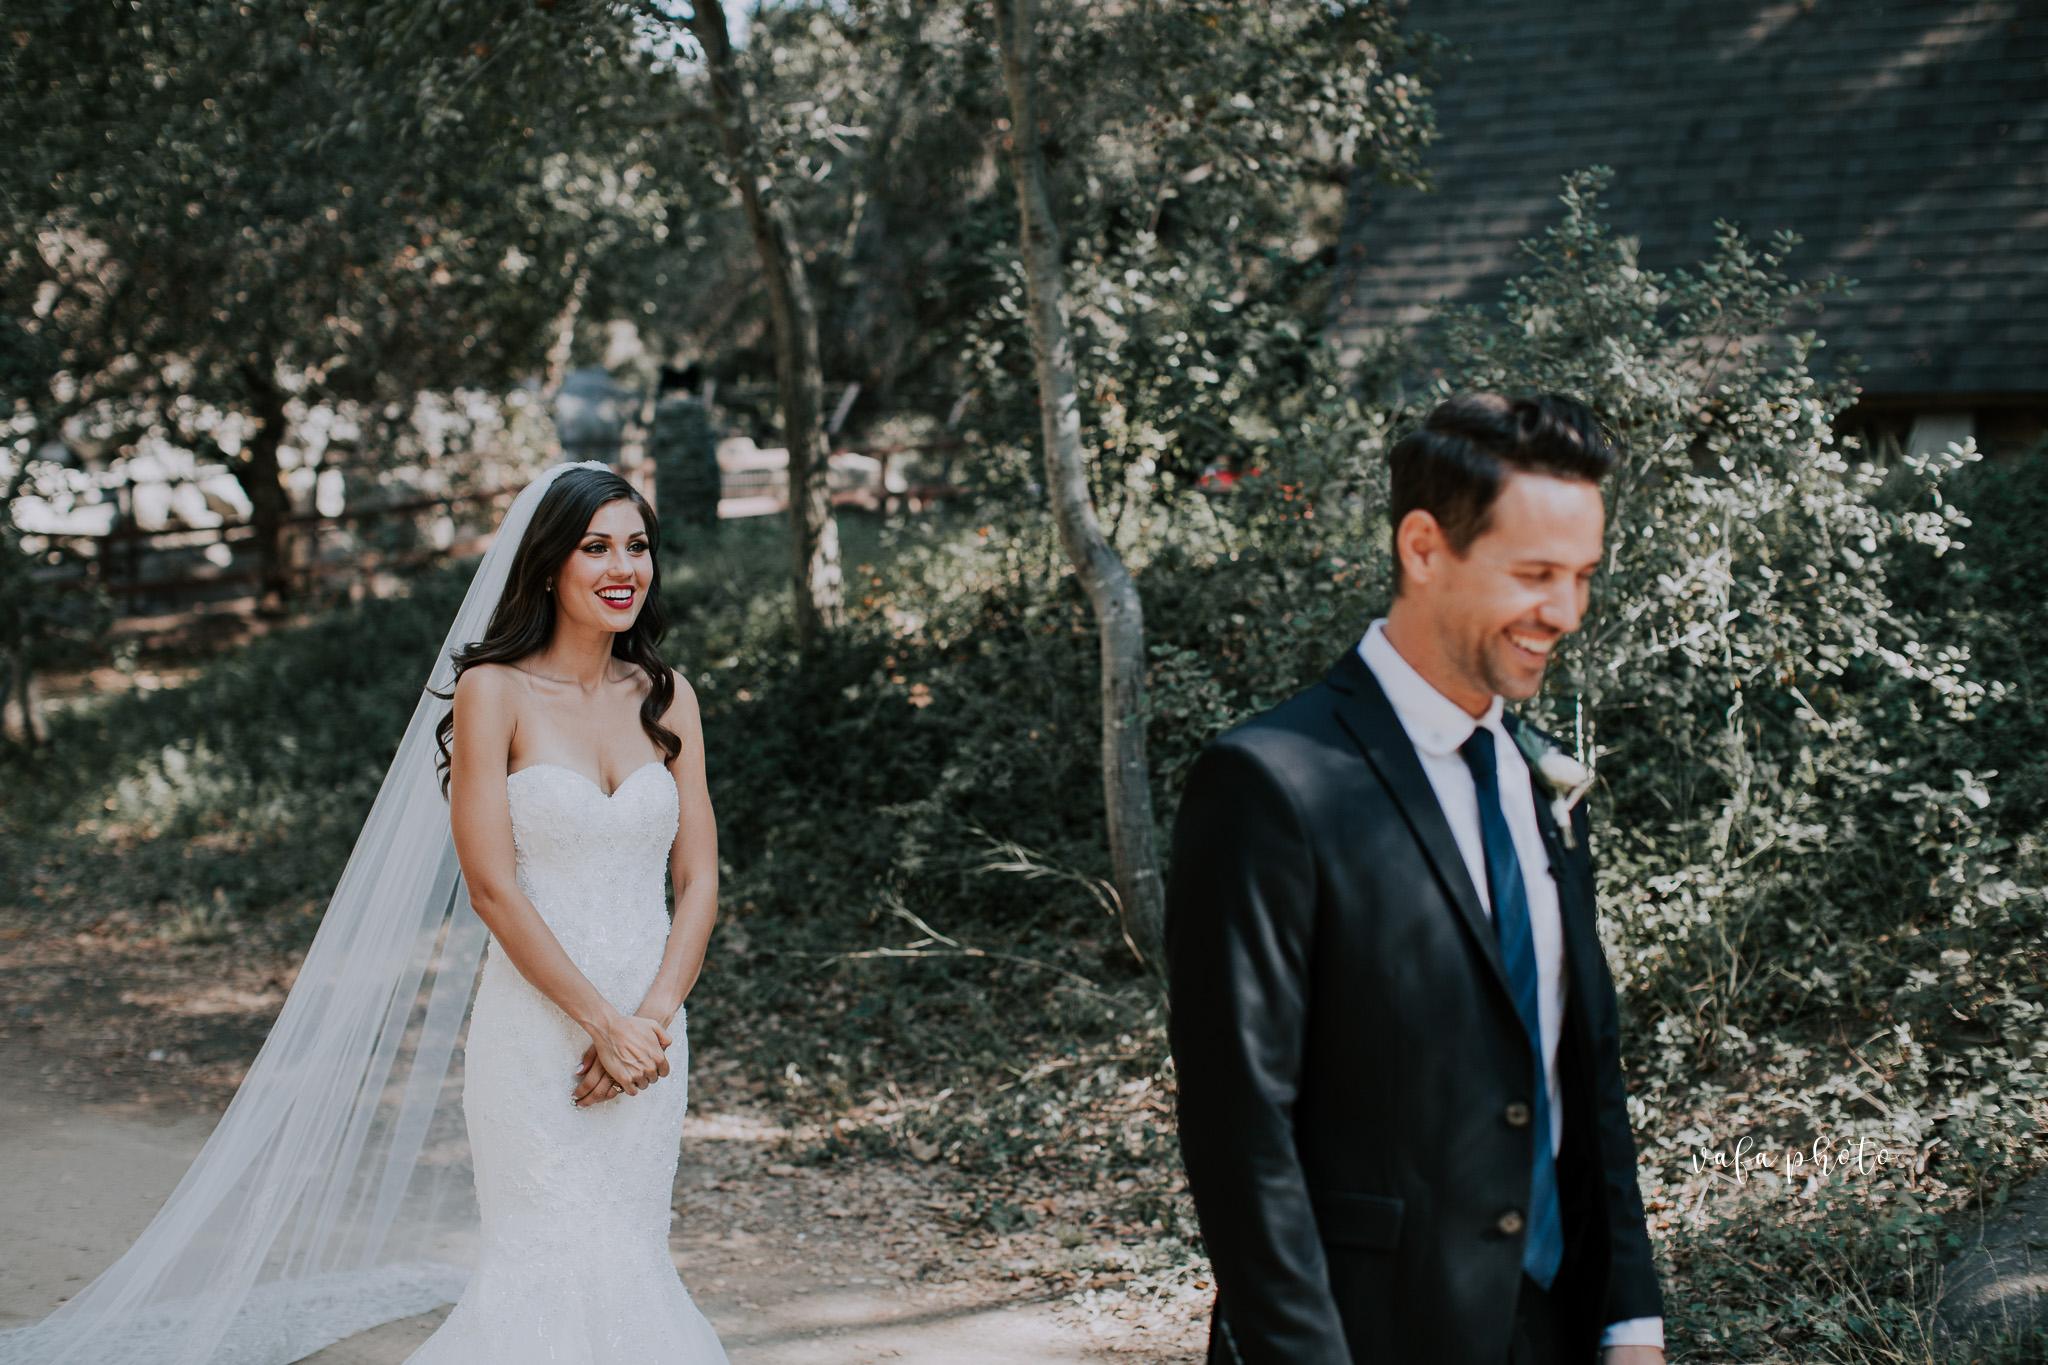 Southern-California-Wedding-Britt-Nilsson-Jeremy-Byrne-Vafa-Photo-199.jpg